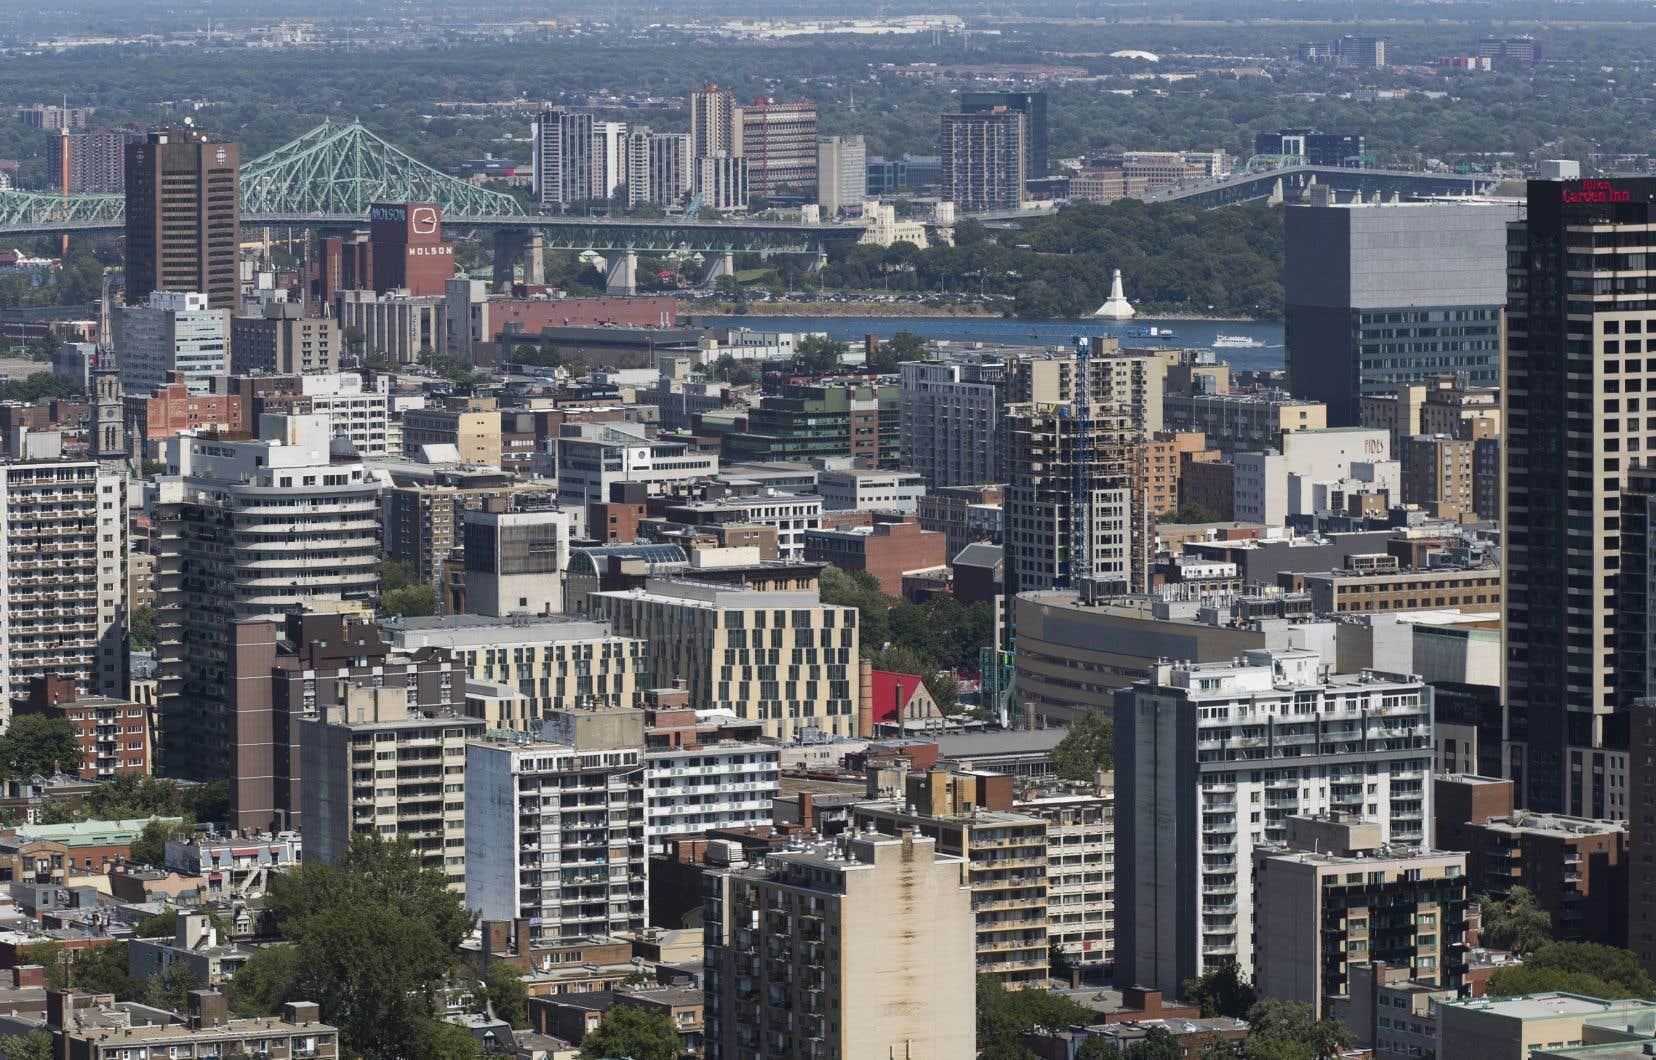 «Tout d'abord, bien qu'il soit vrai que l'augmentation de l'impôt foncier fait partie du calcul de l'augmentation du loyer, son impact est marginal en comparaison des véritables causes de la flambée des loyers à Montréal», souligne l'auteur.